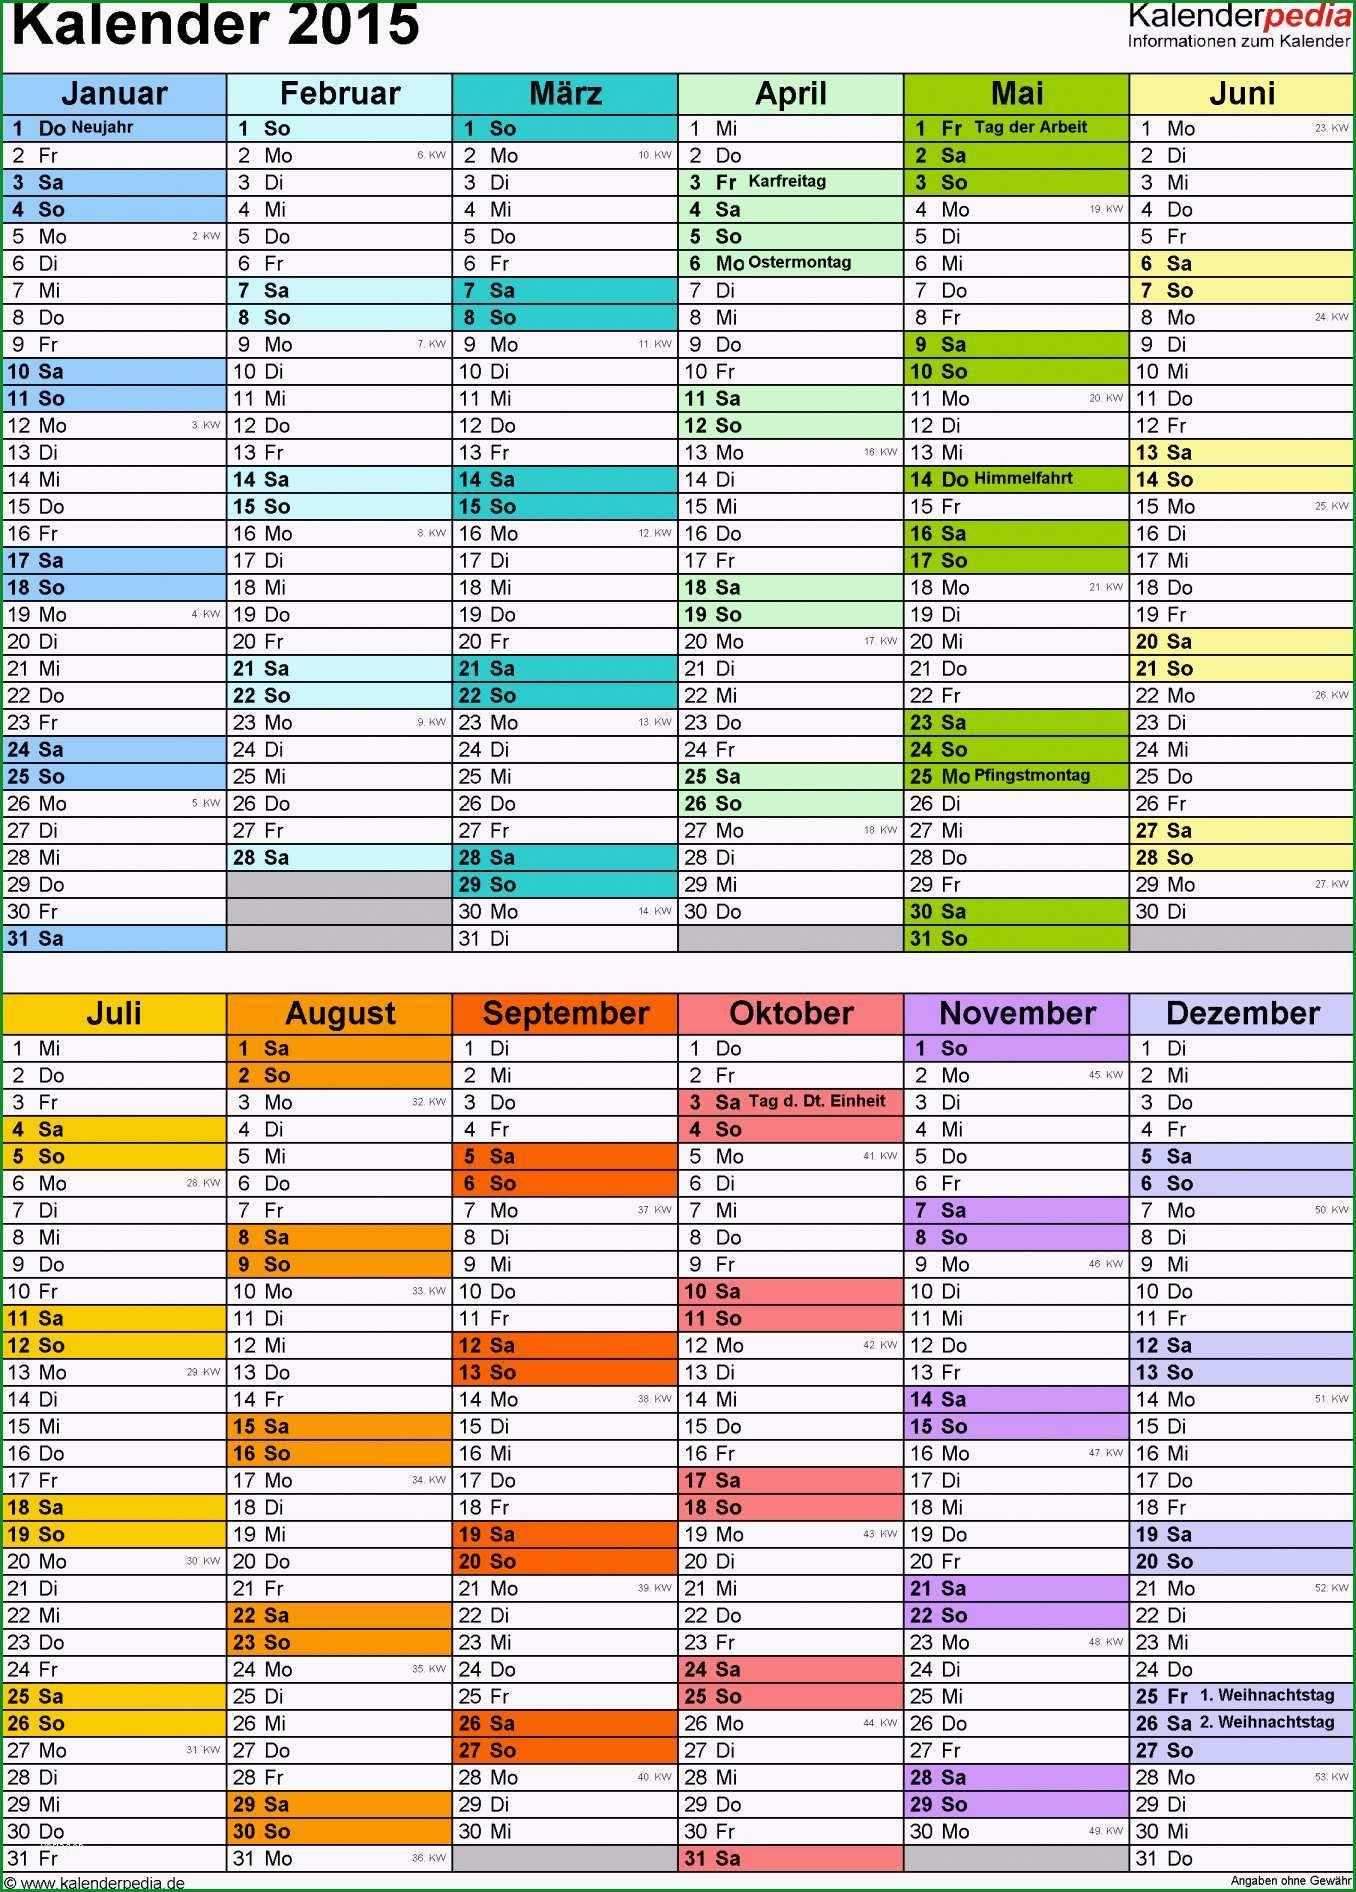 kalender 2015 excel vorlage